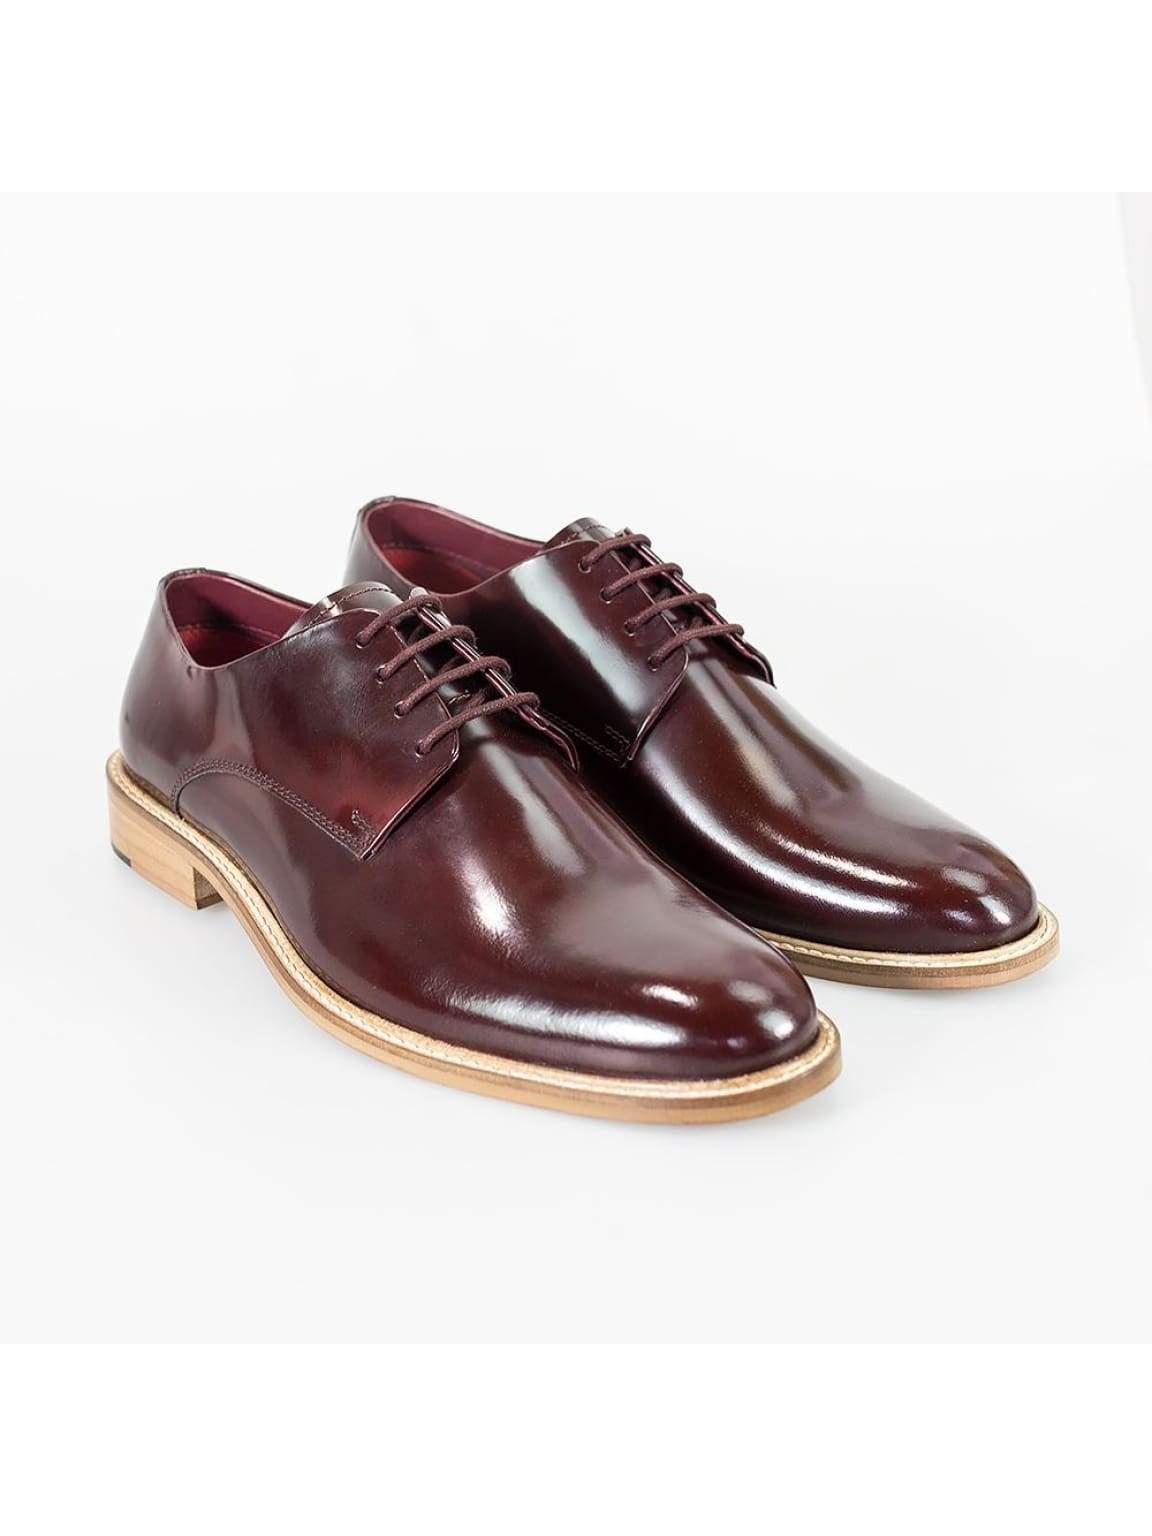 Cavani Foxton Bordo Shoe - UK7 | EU41 - Shoes